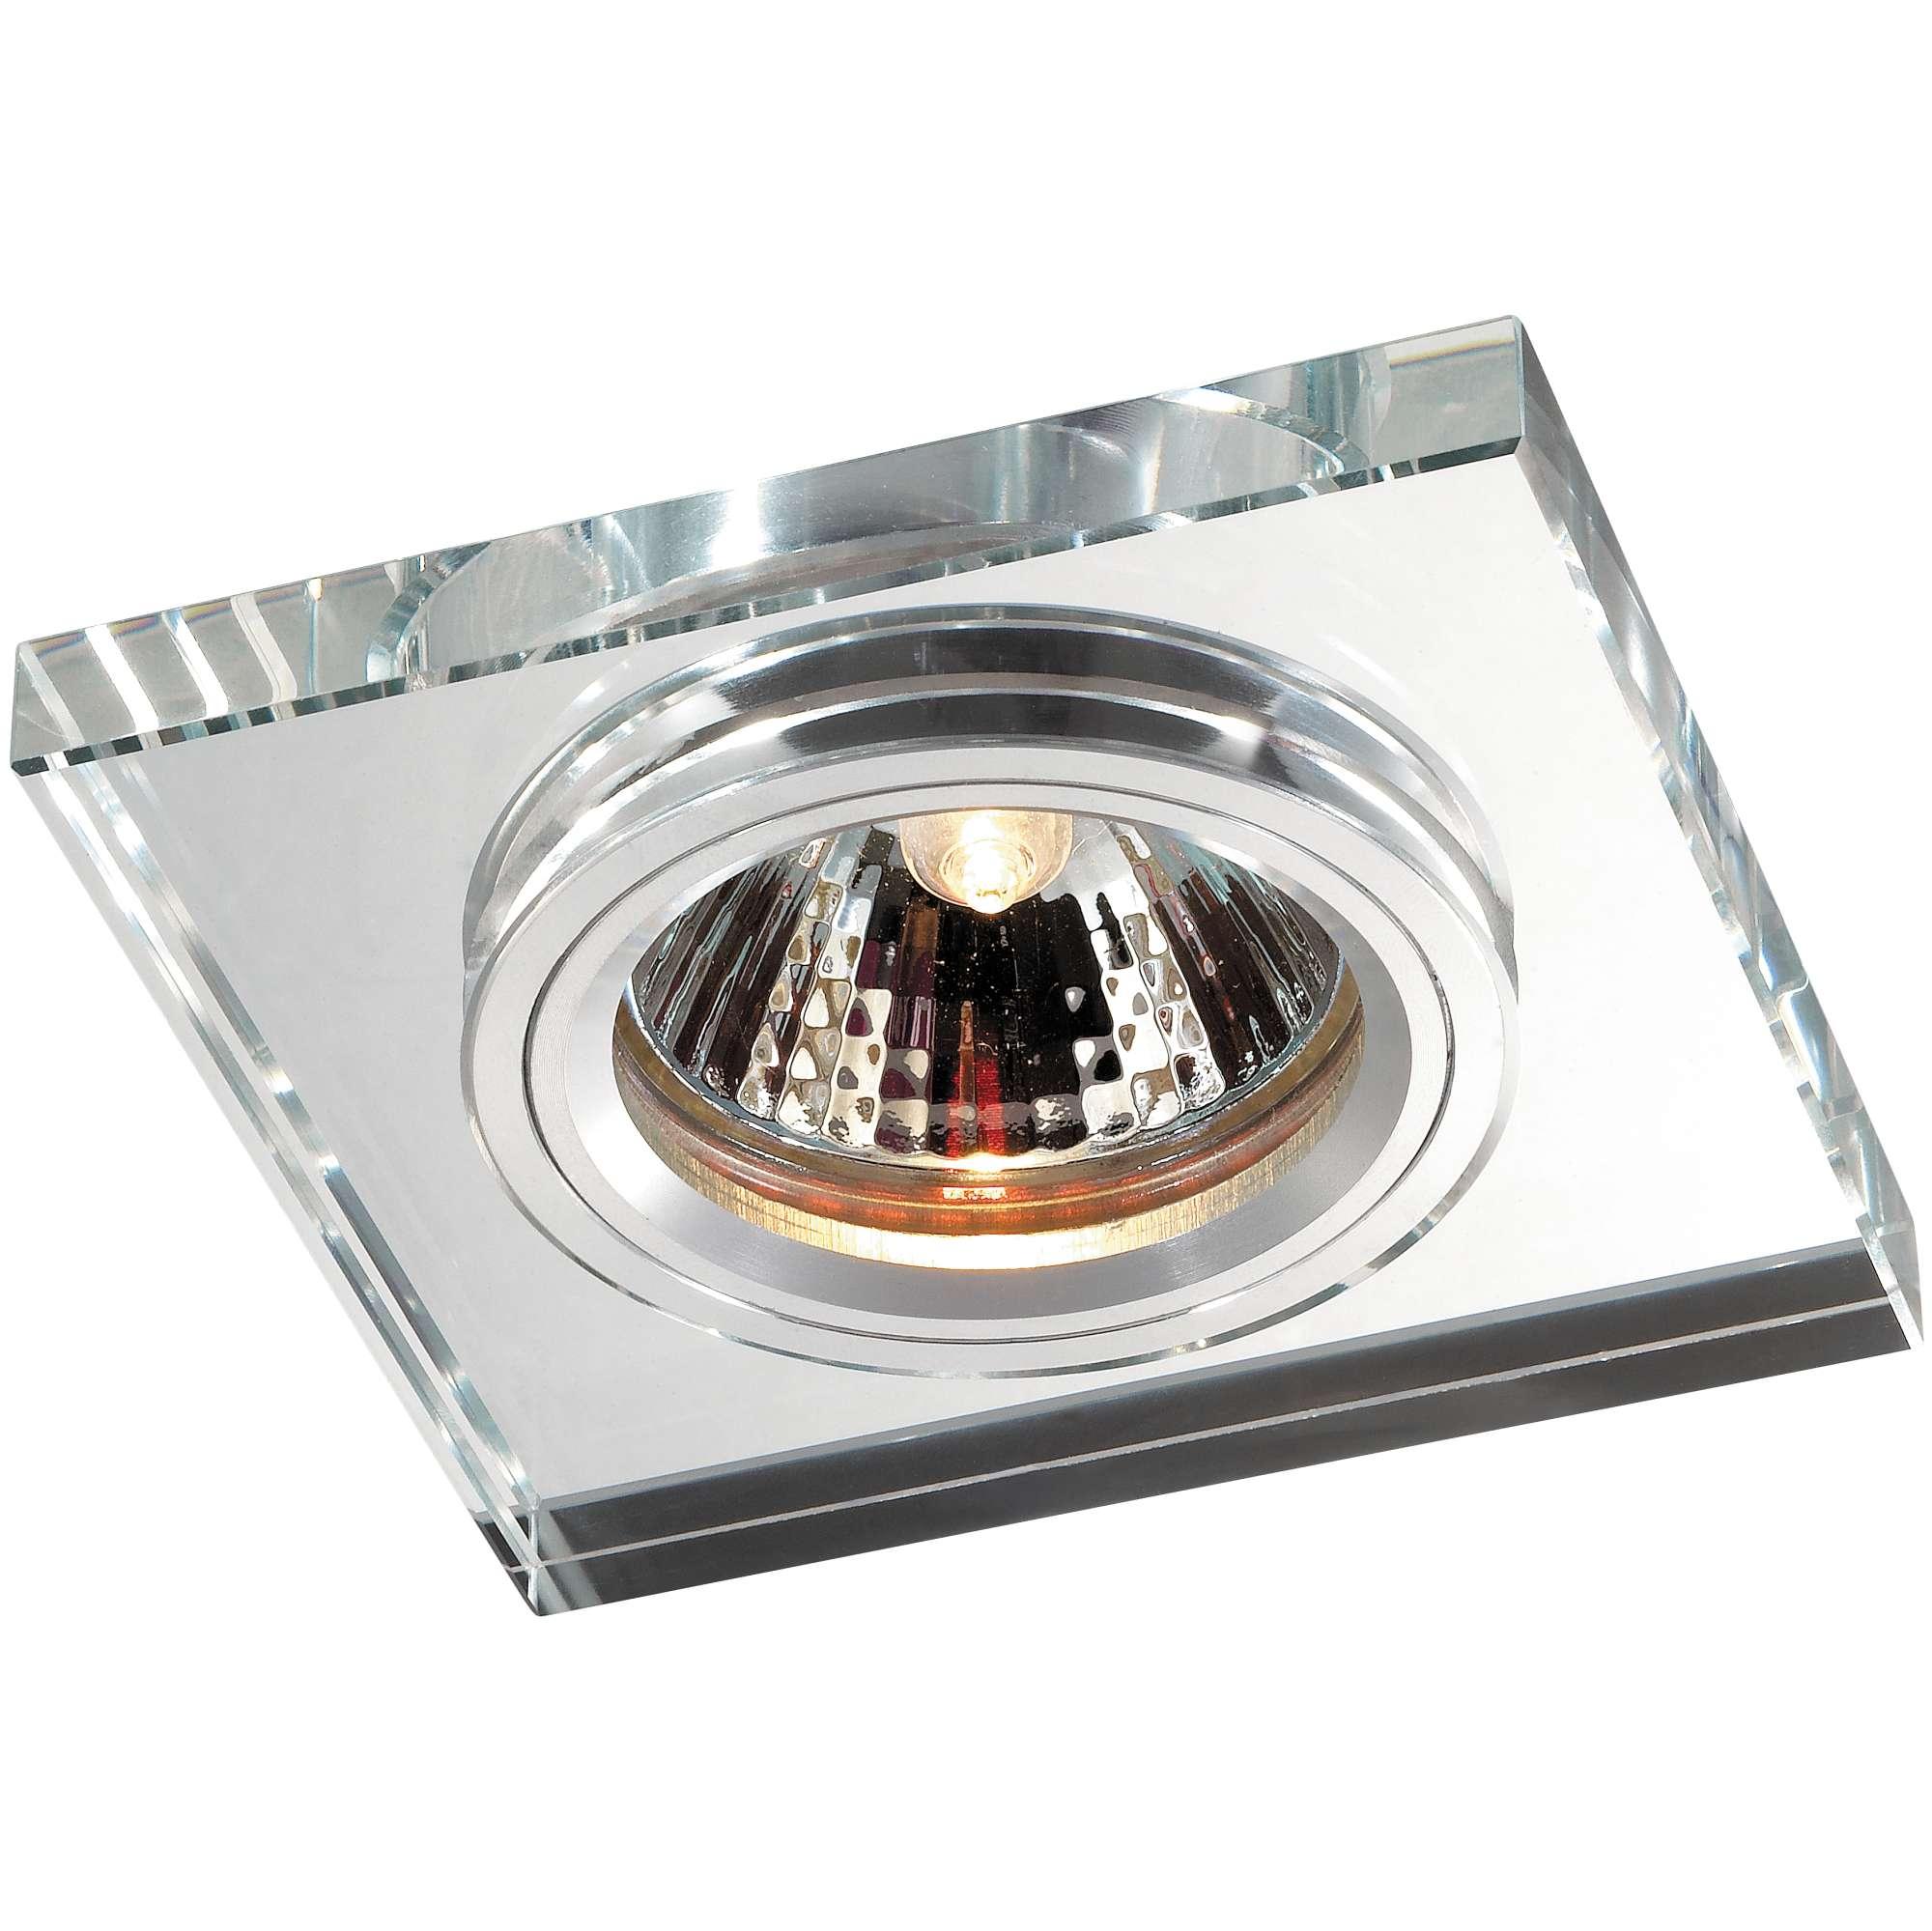 Светильник встраиваемый Novotech Mirror nt12 136 369753 novotech встраиваемый светильник novotech mirror 369753